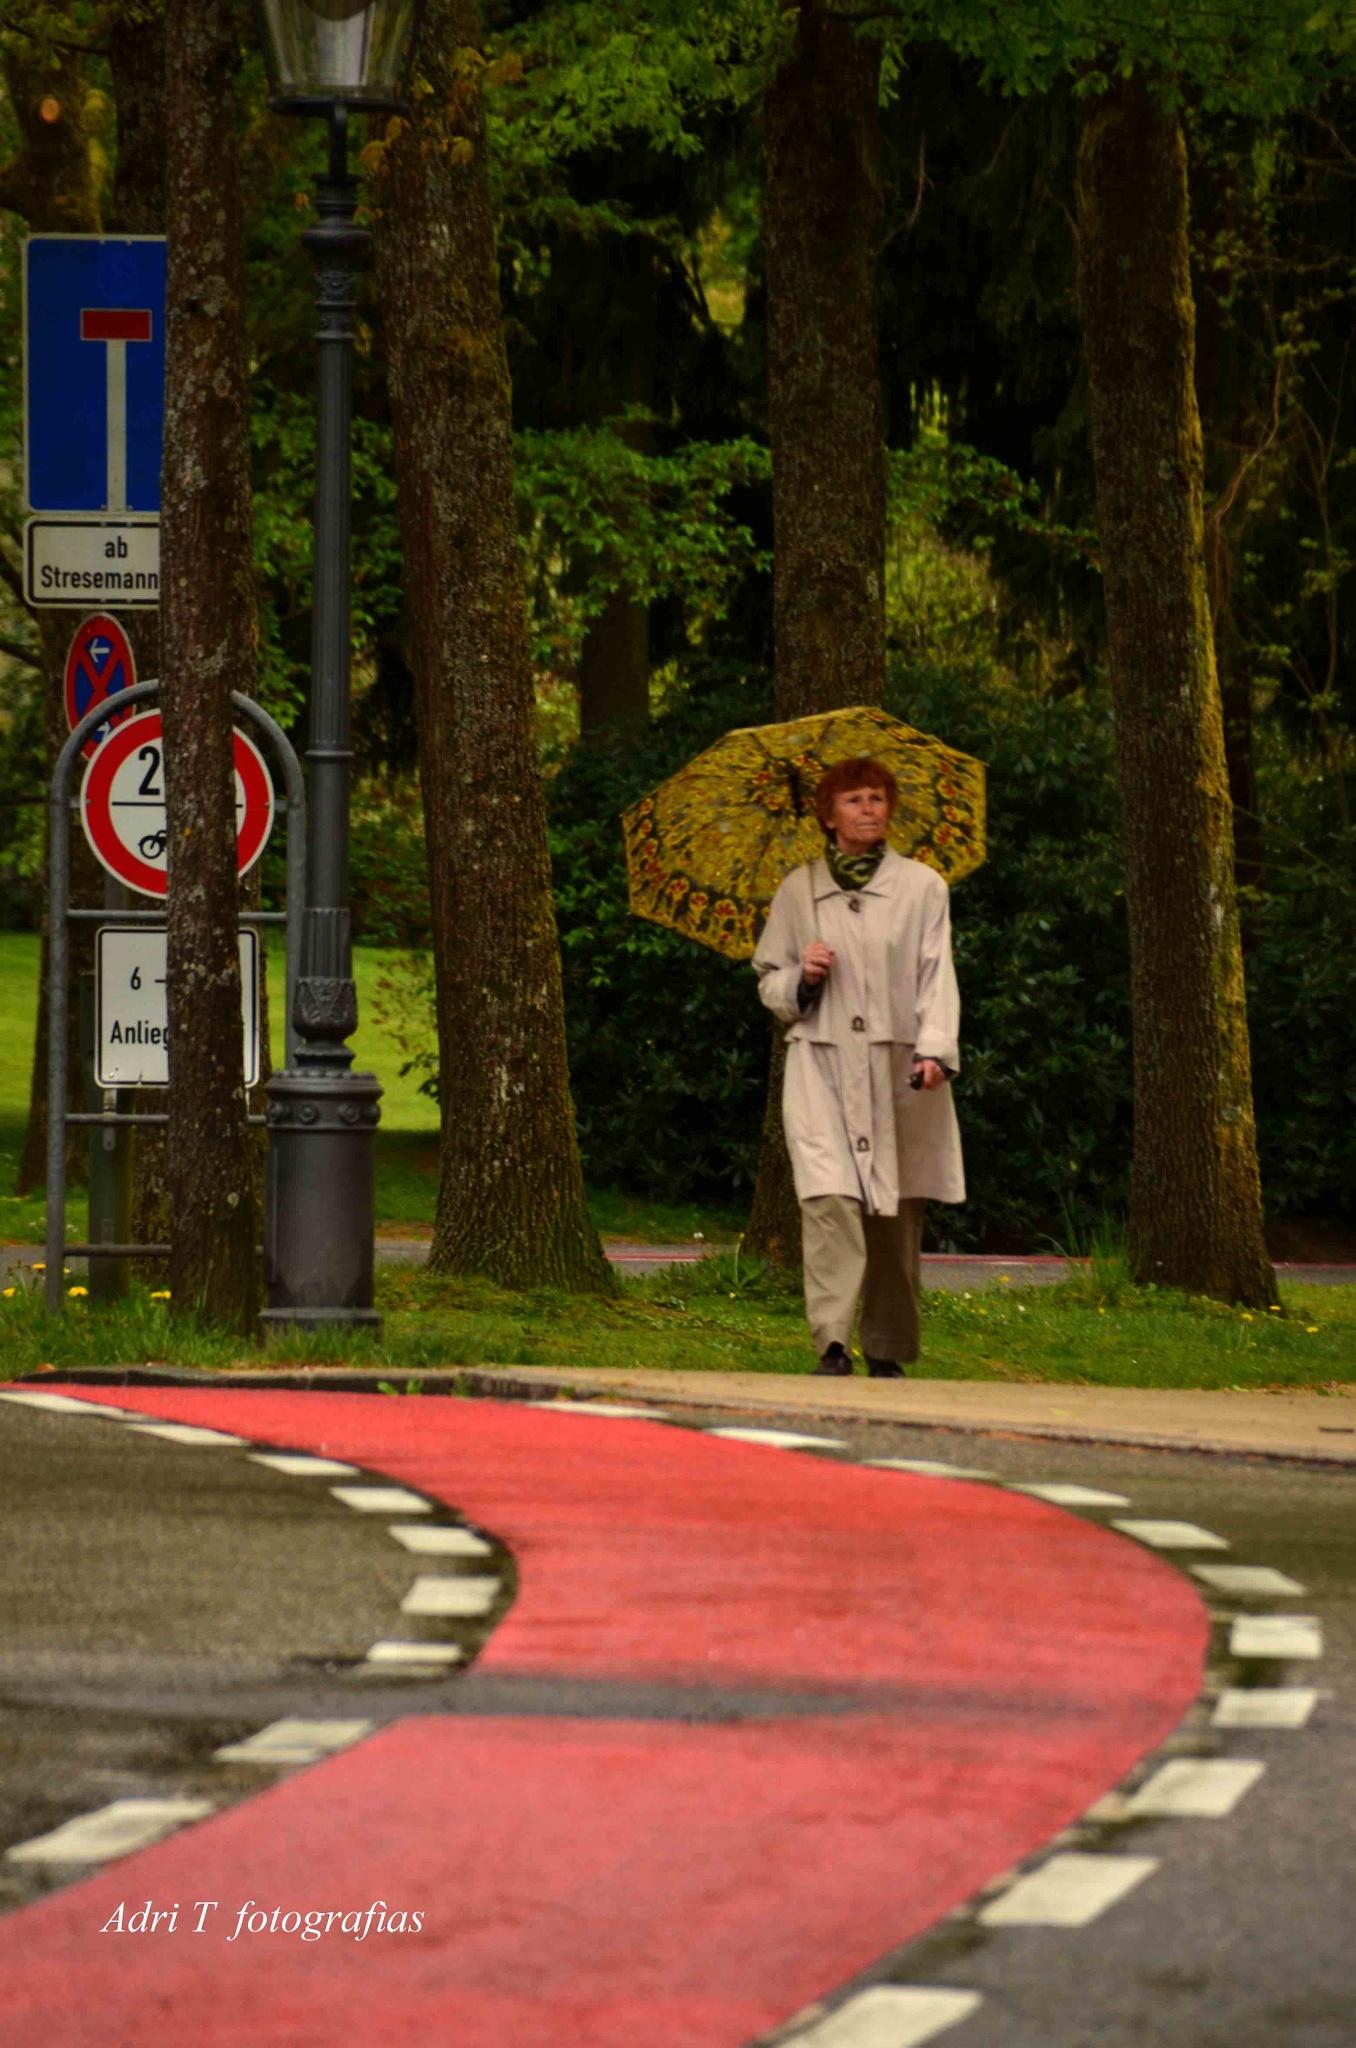 Por el camino de la vida  by adritfotografias